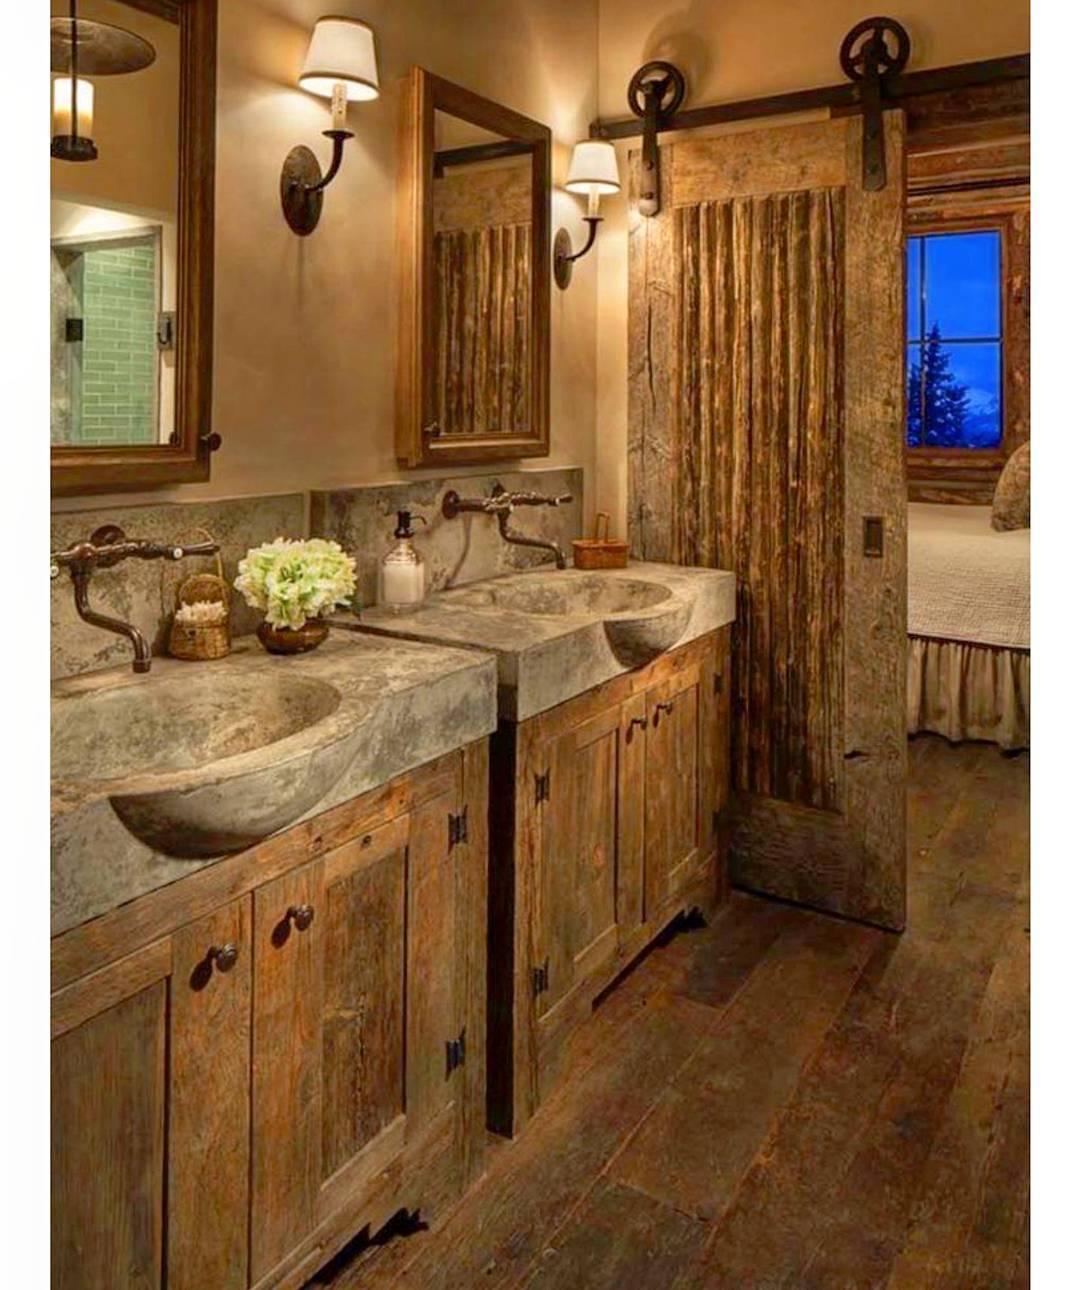 #1 Adorable Rustic Bathroom With Concrete Sink Via